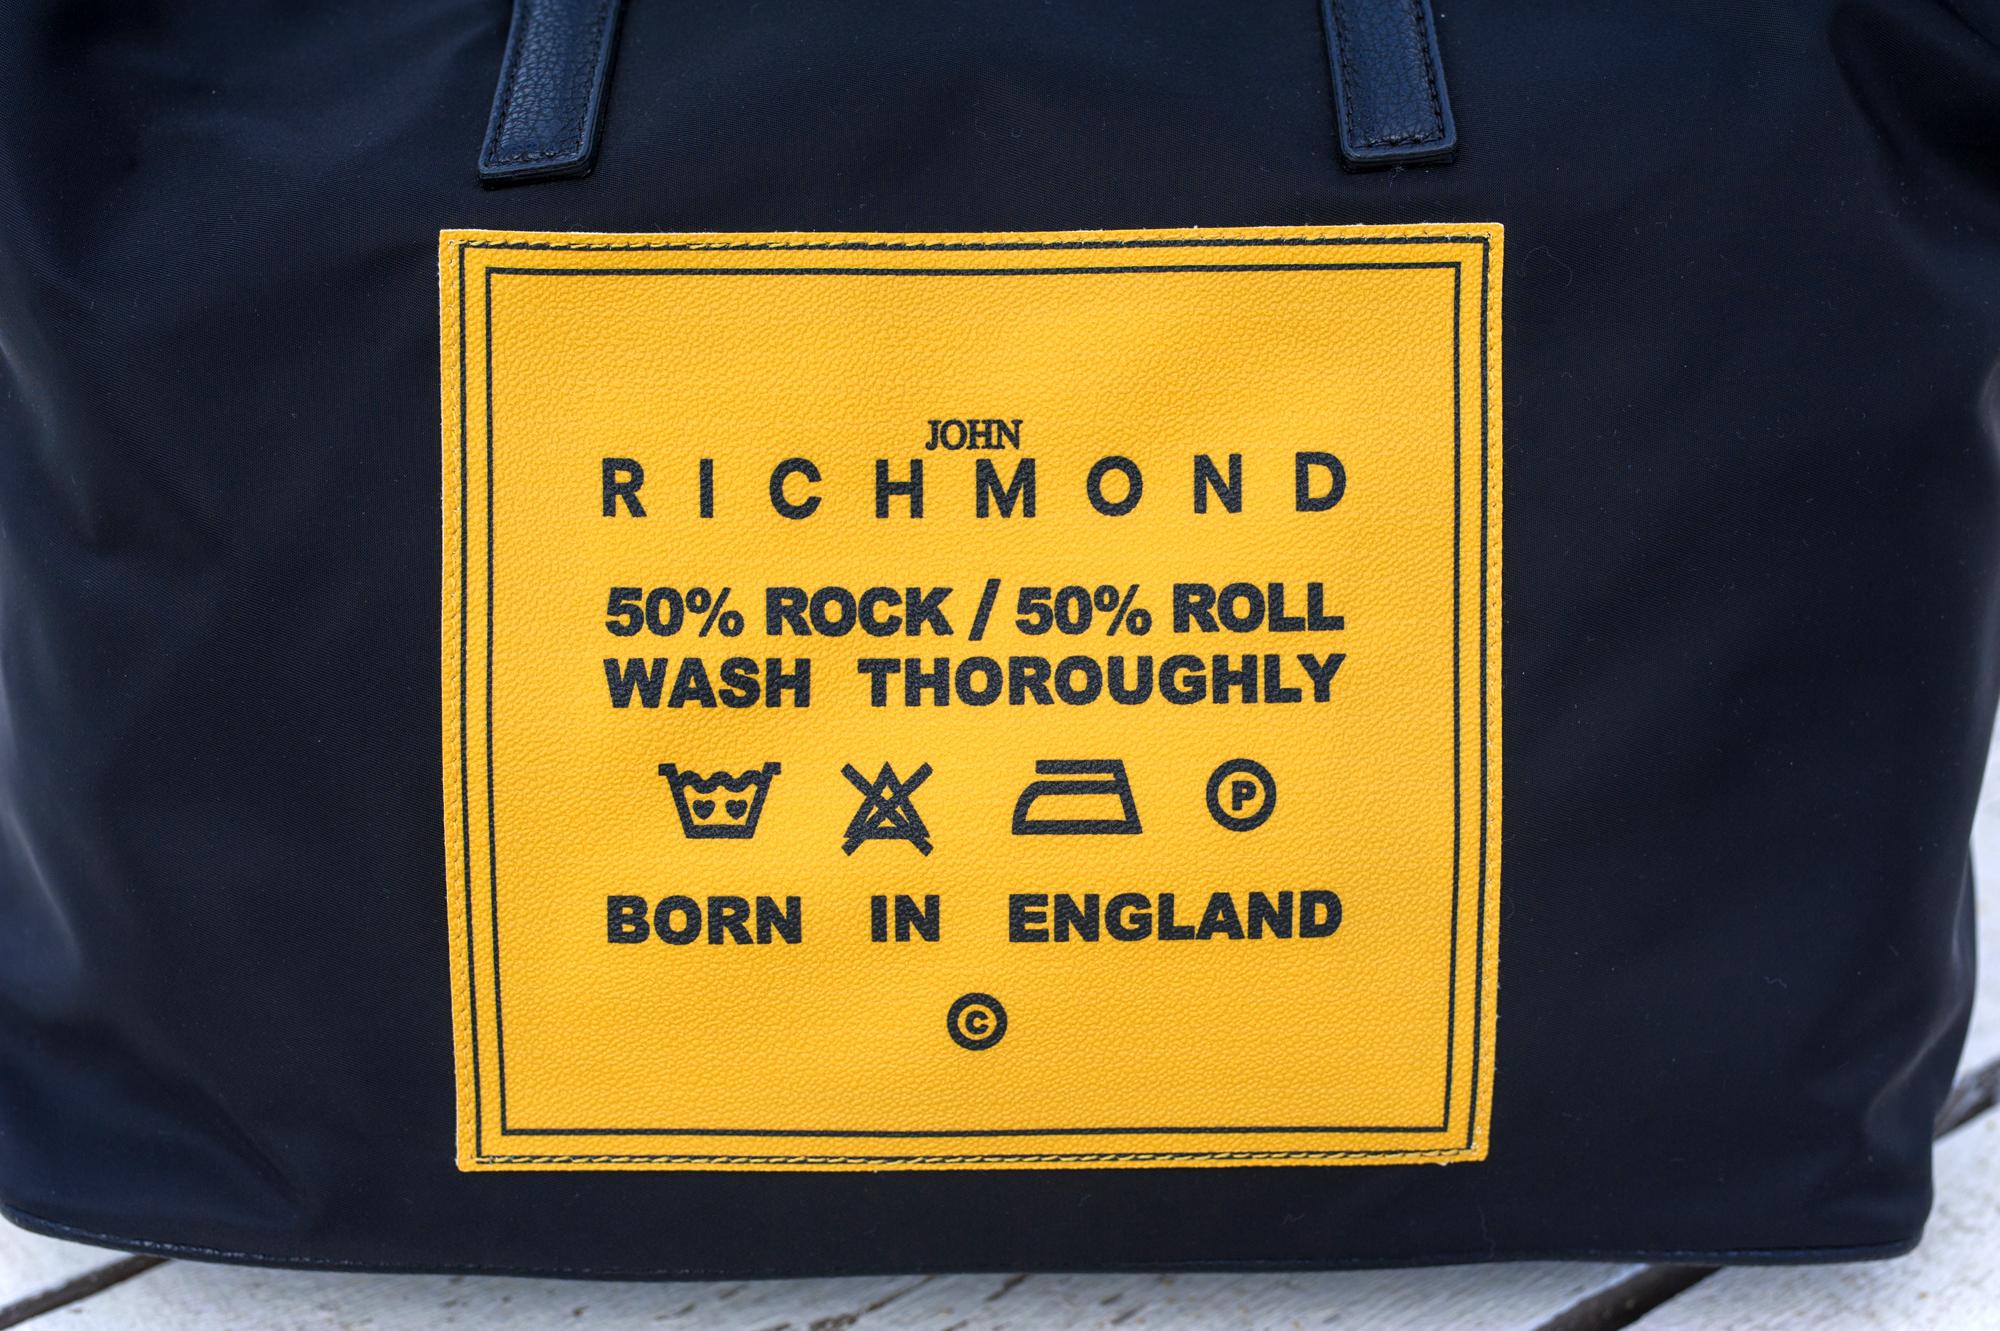 50% ROCK & 50% ROLL by John Richmond